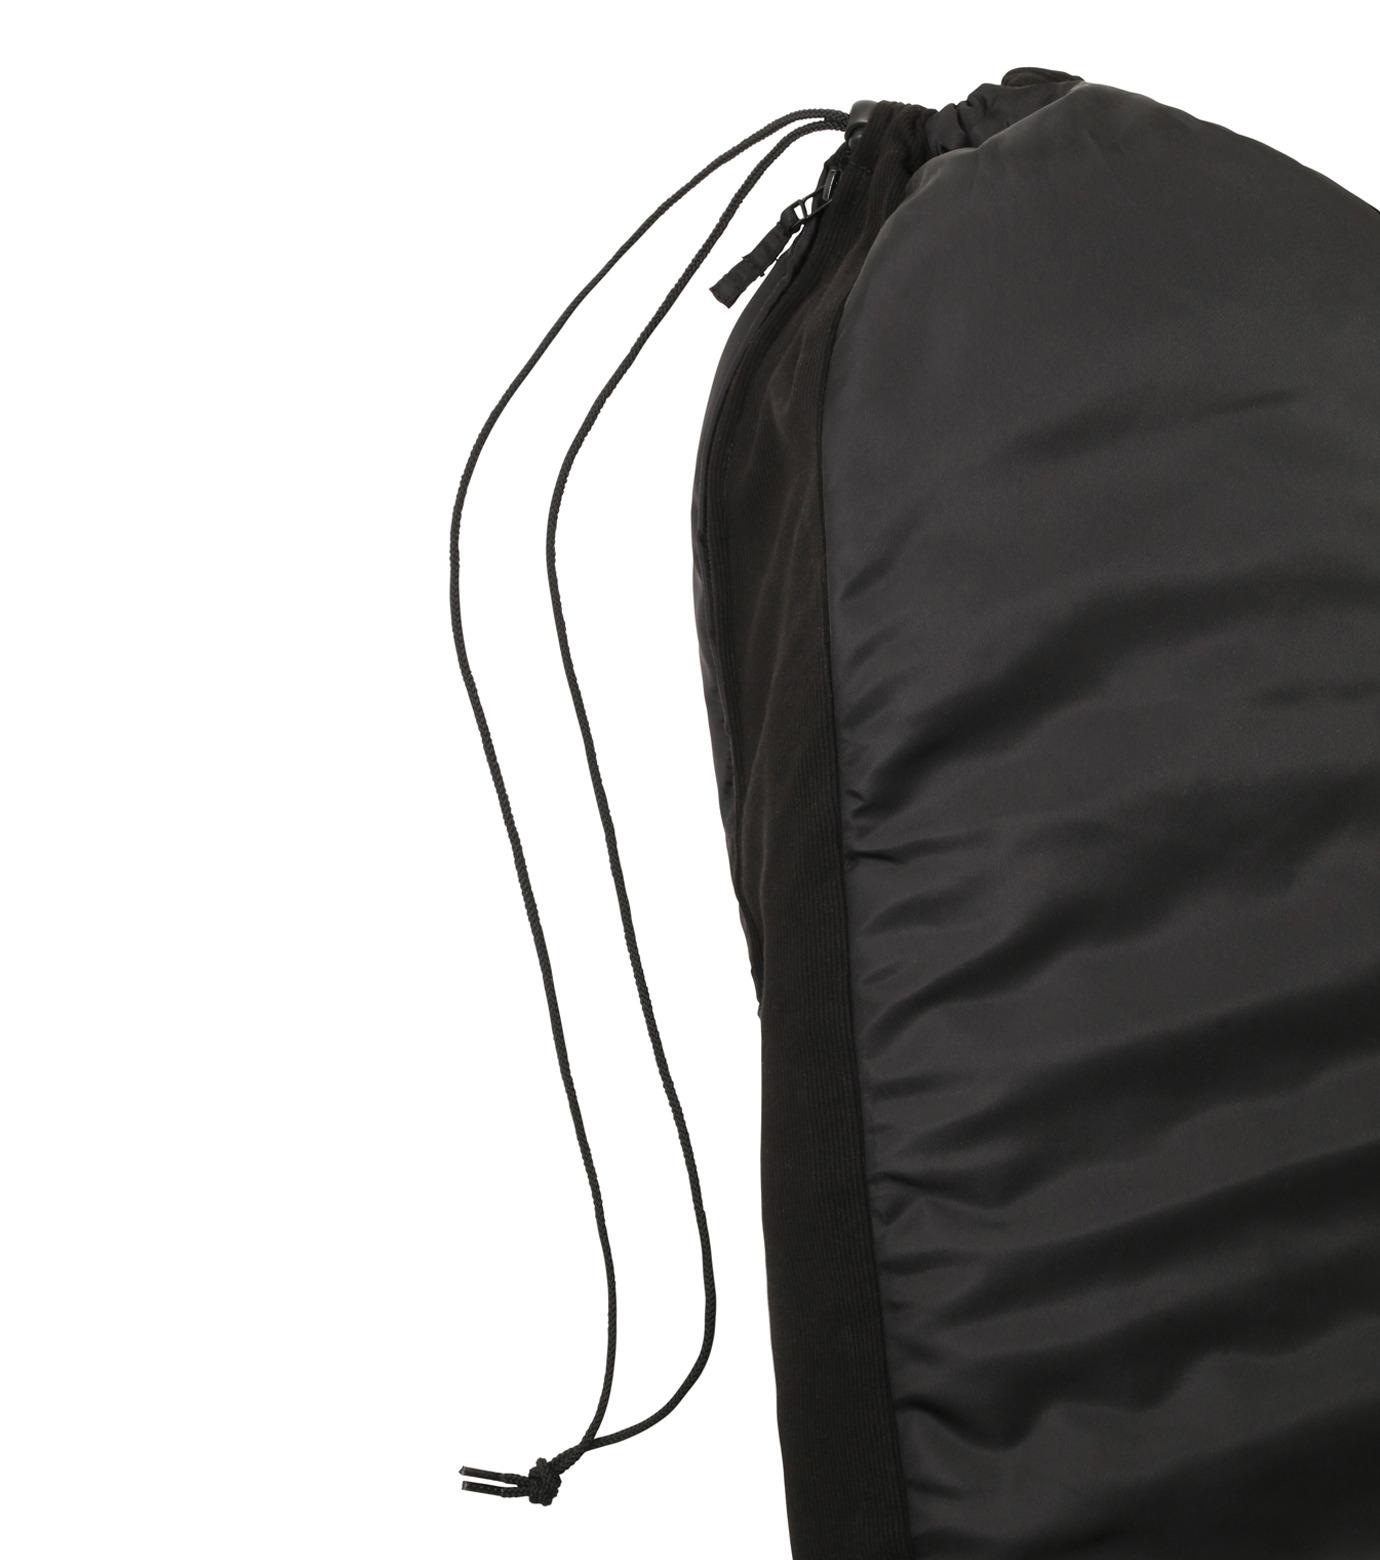 HEY YOU !(ヘイユウ)のSurfboard Jacket Retro-BLACK(サーフ/OUTDOOR/surf/OUTDOOR)-18S90010-13 拡大詳細画像4